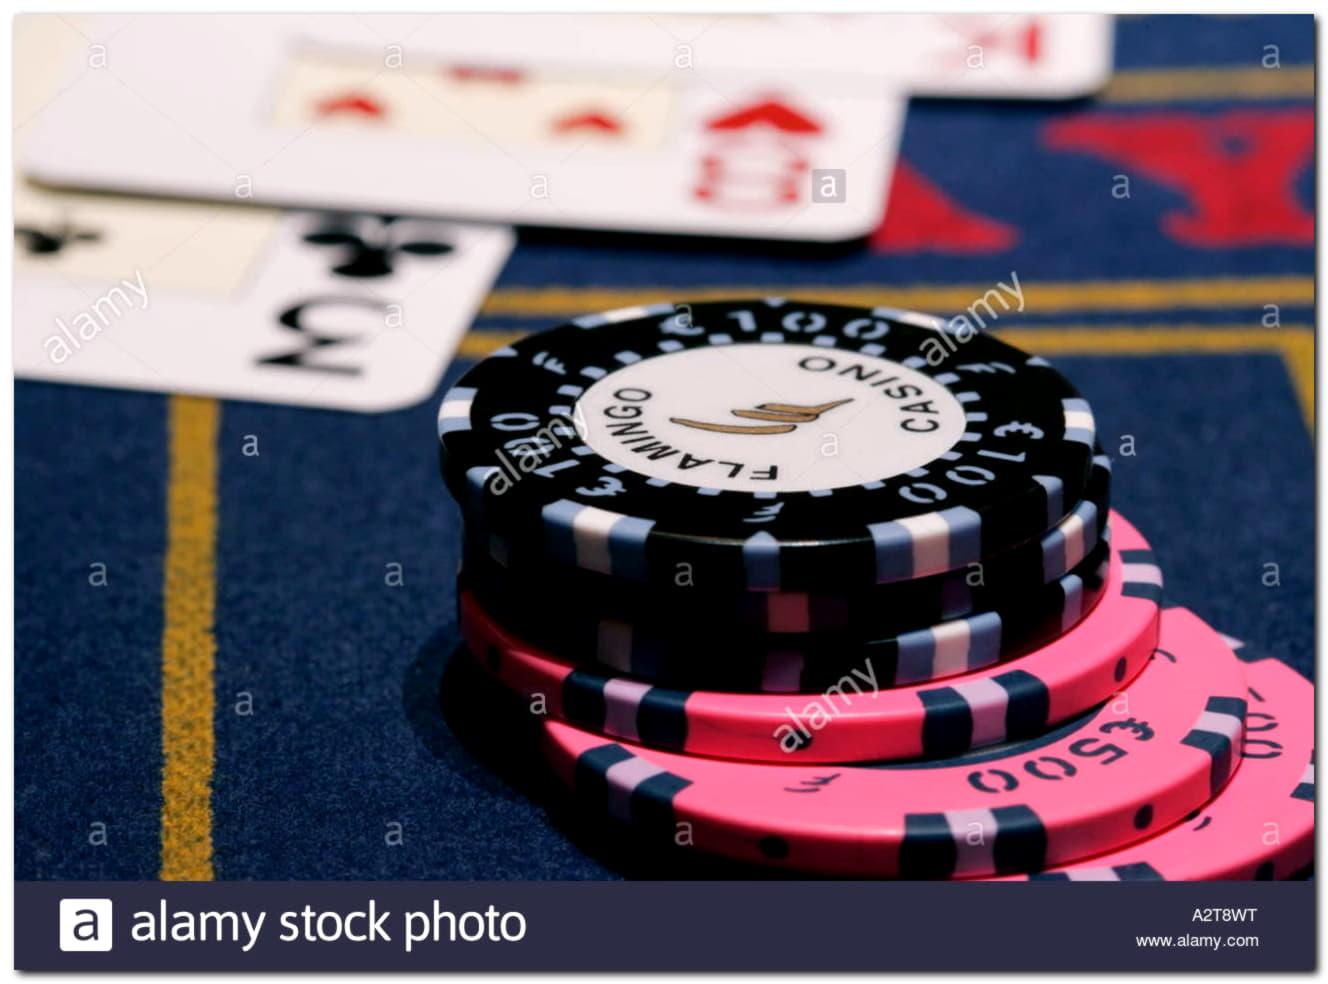 Turneu de sloturi freeroll EURO 295 Mobile la Casino com